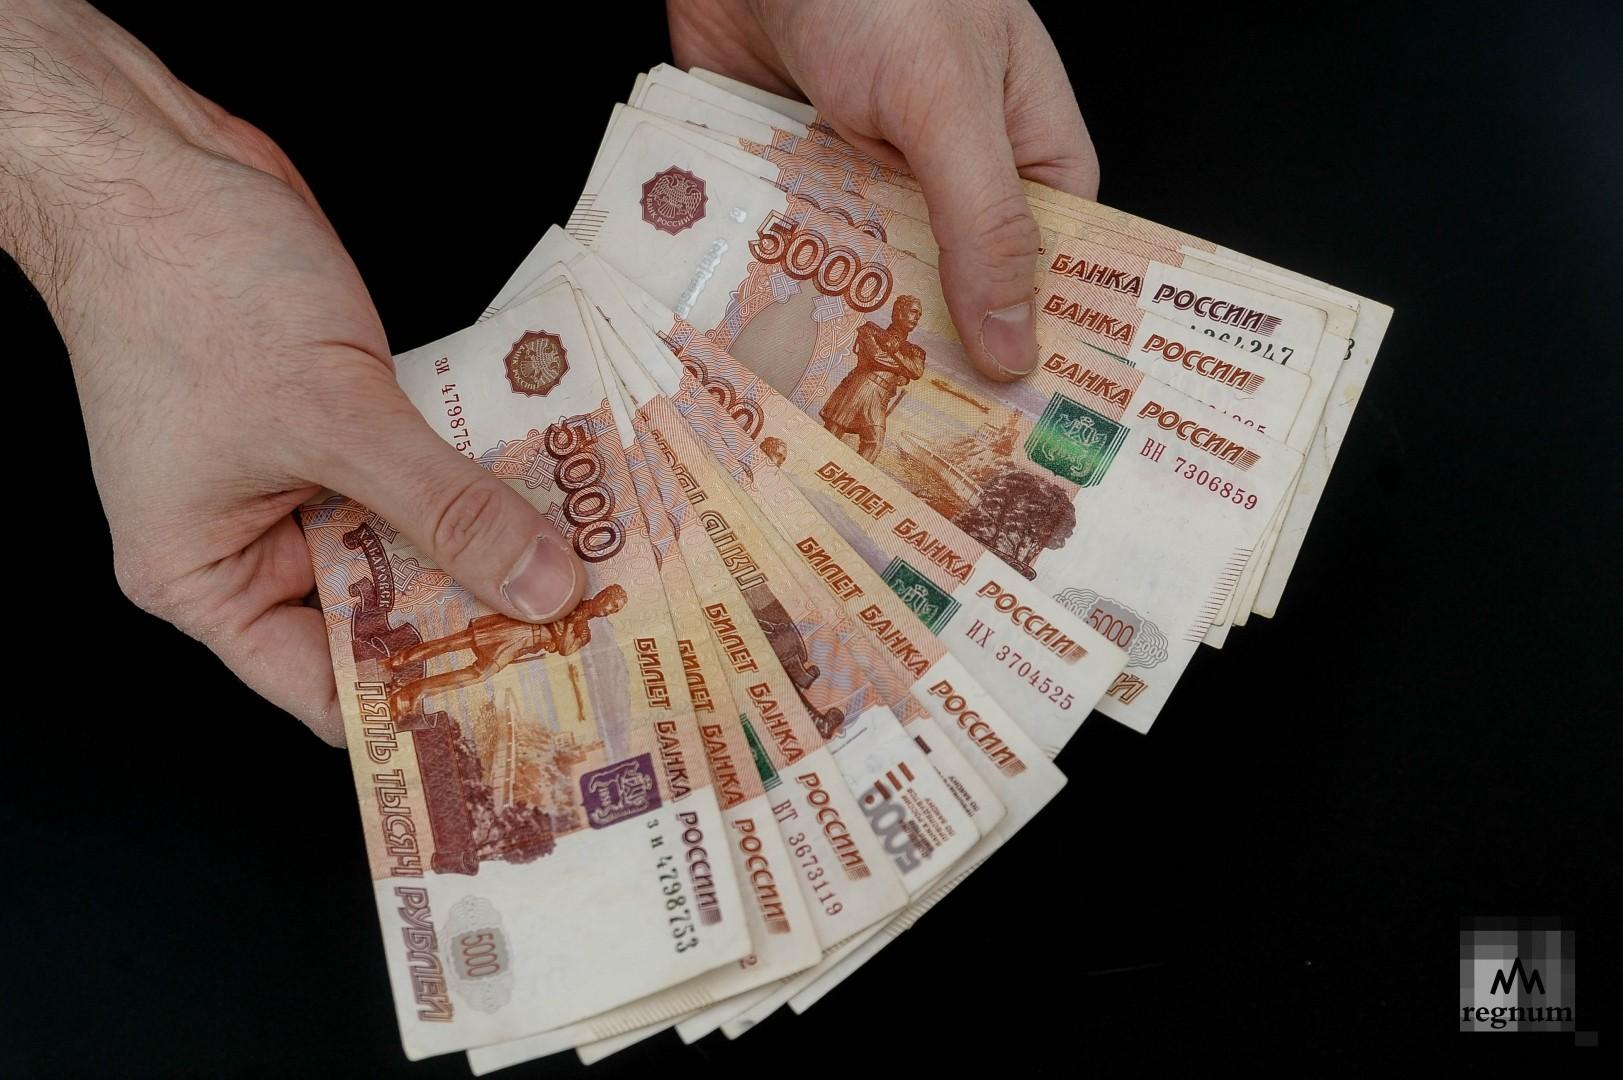 сдать вещи в секонд хенд за деньги в москве адреса цены